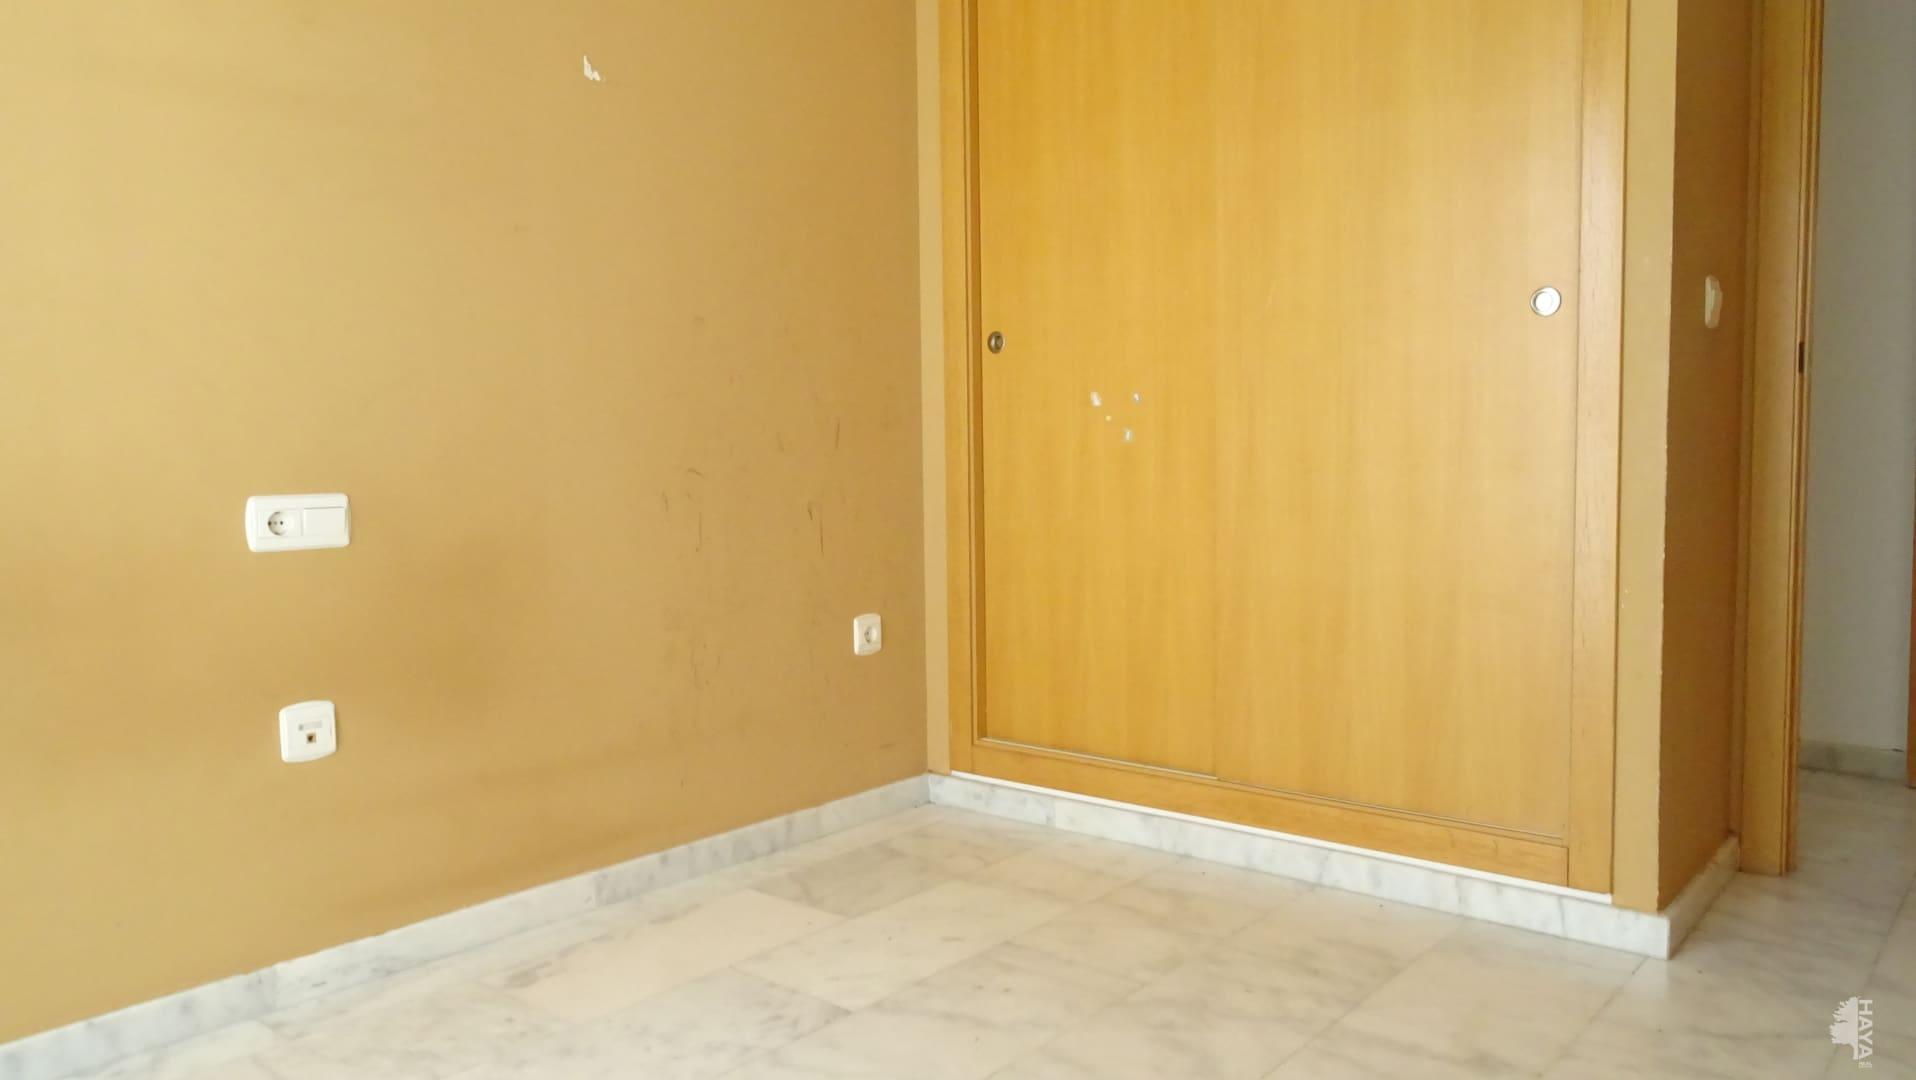 Piso en venta en Piso en Benidorm, Alicante, 138.268 €, 2 habitaciones, 2 baños, 97 m2